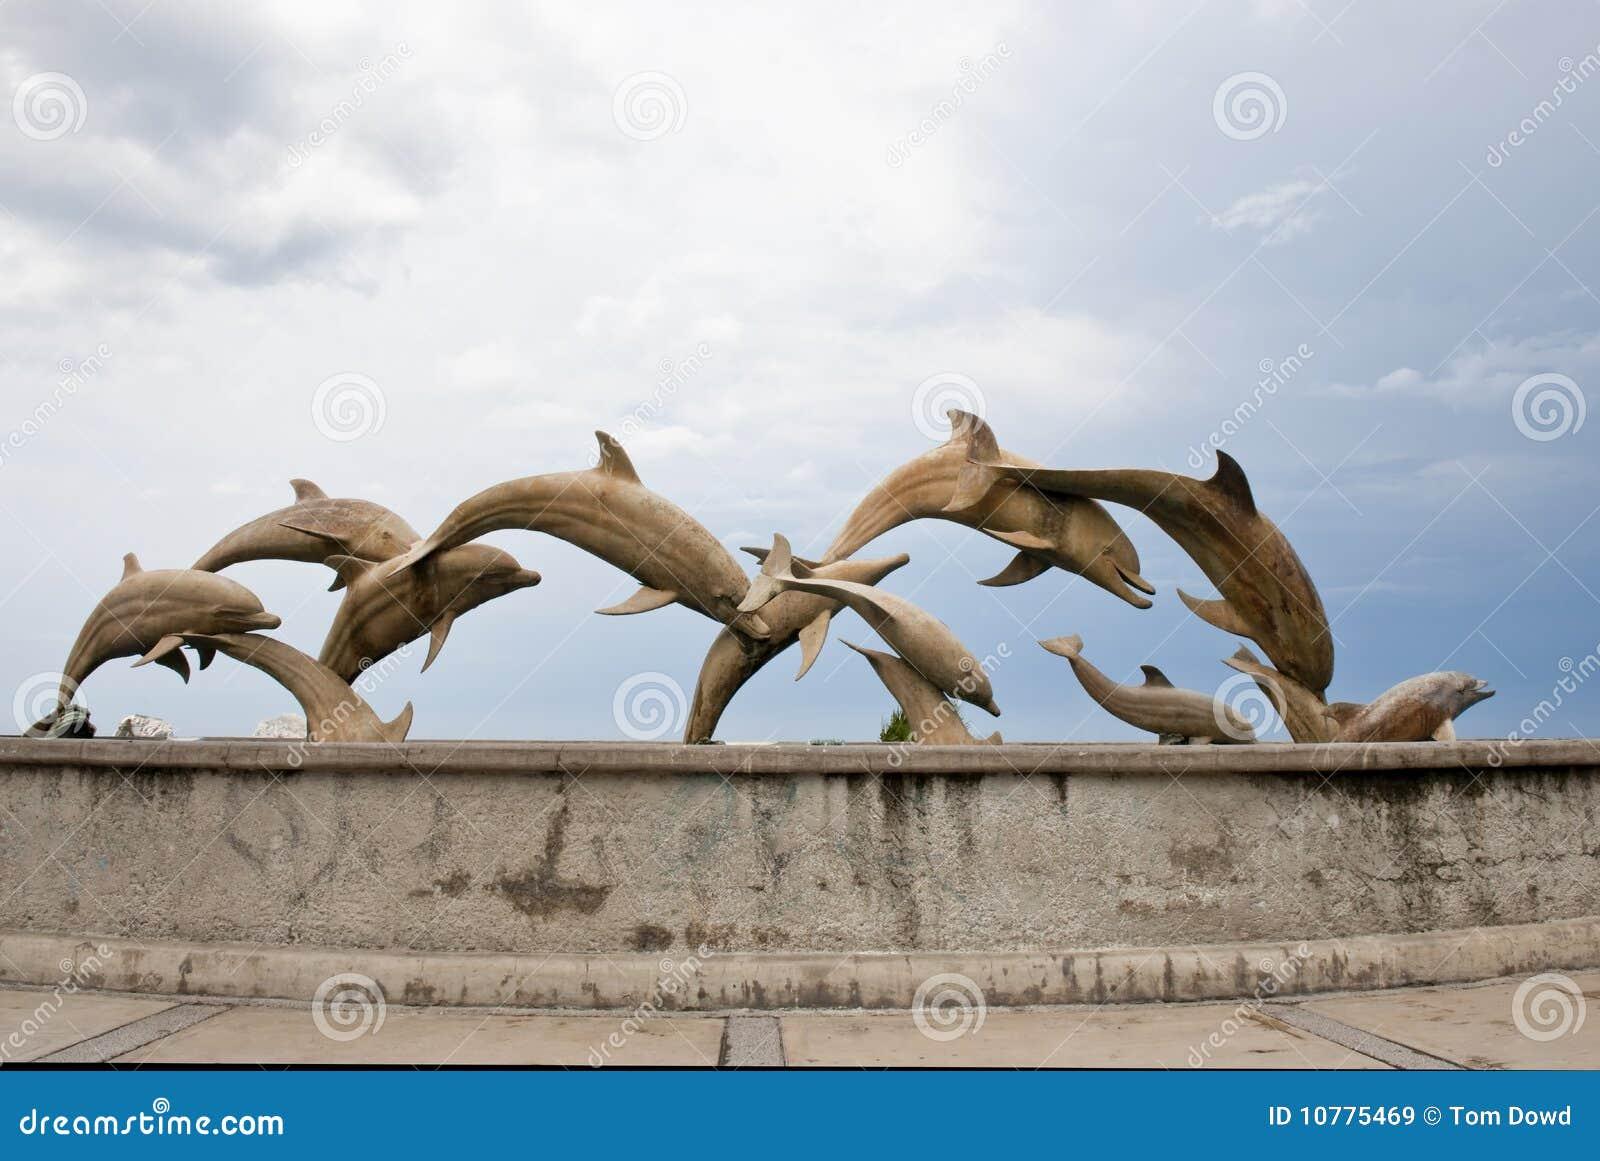 De standbeelden van de dolfijn